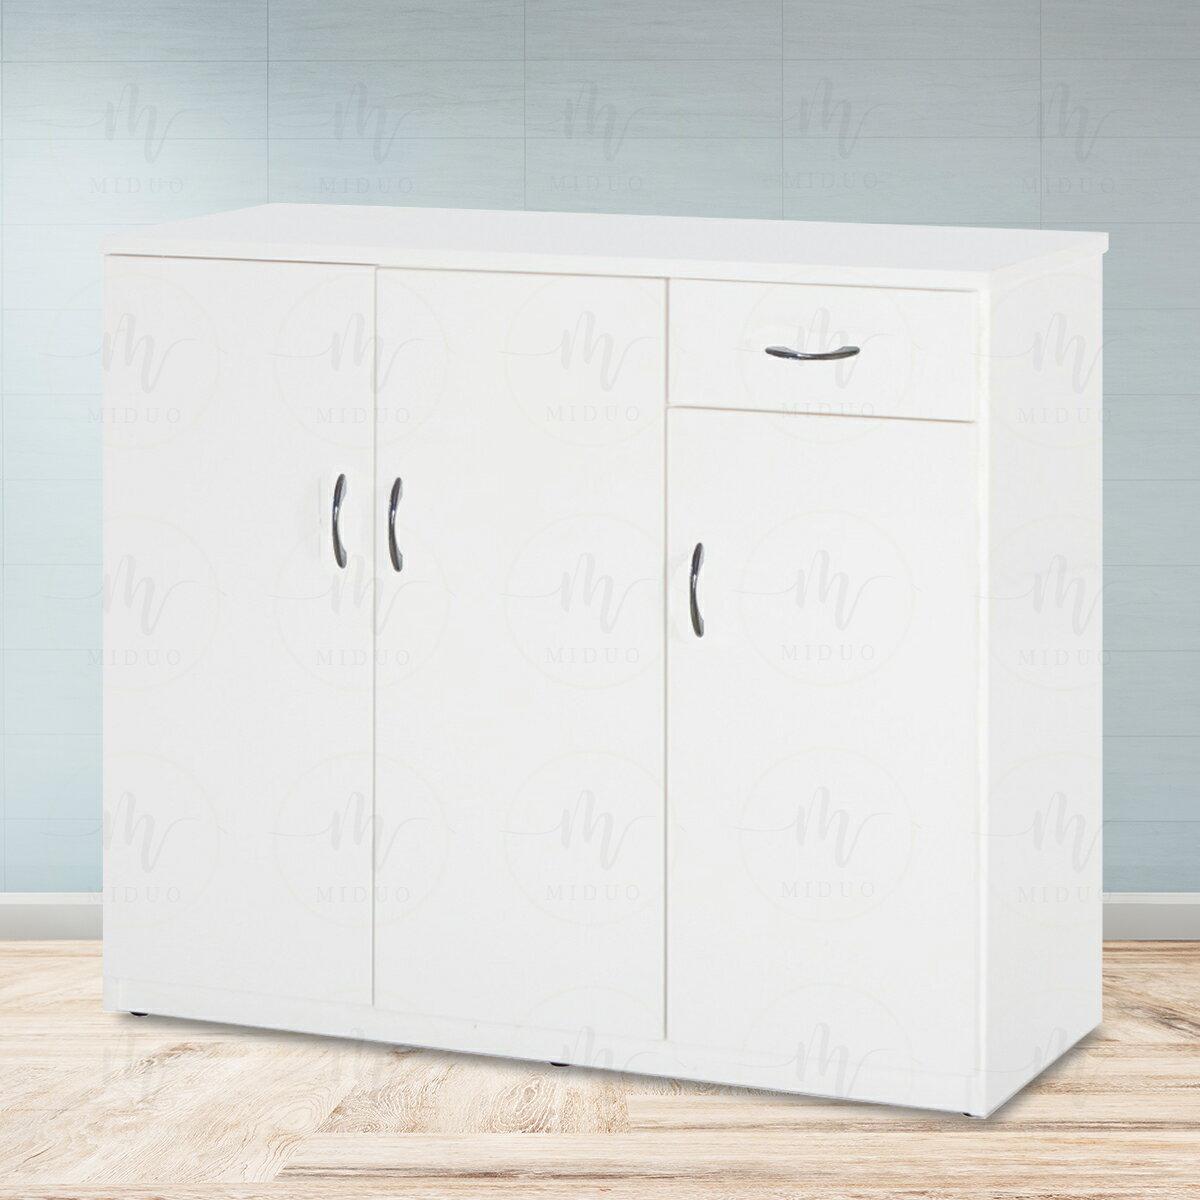 3.2尺三門一抽塑鋼鞋櫃 防水塑鋼家具【米朵Miduo】